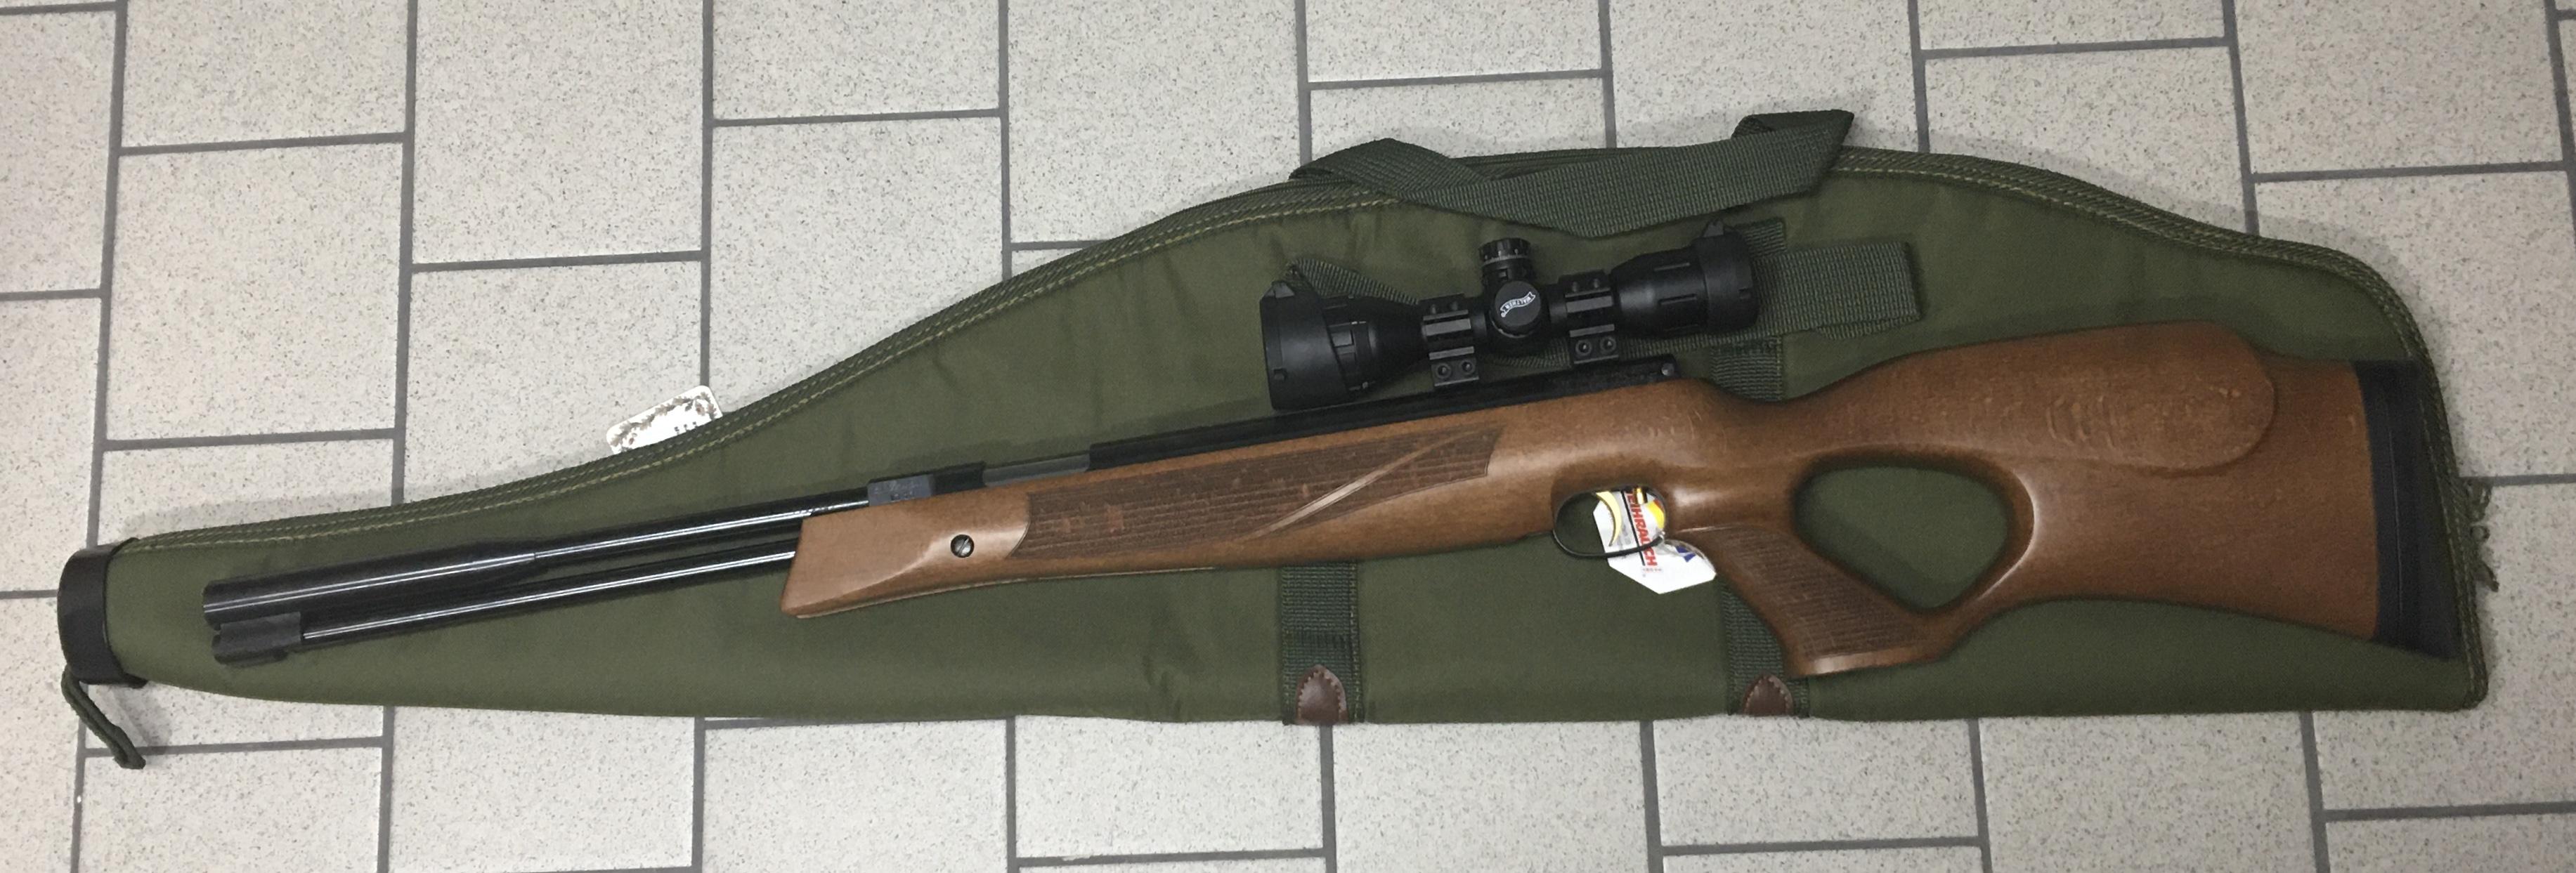 Anwendungsbeispiele mit Luftgewehr Weihrauch Modell 97 KT